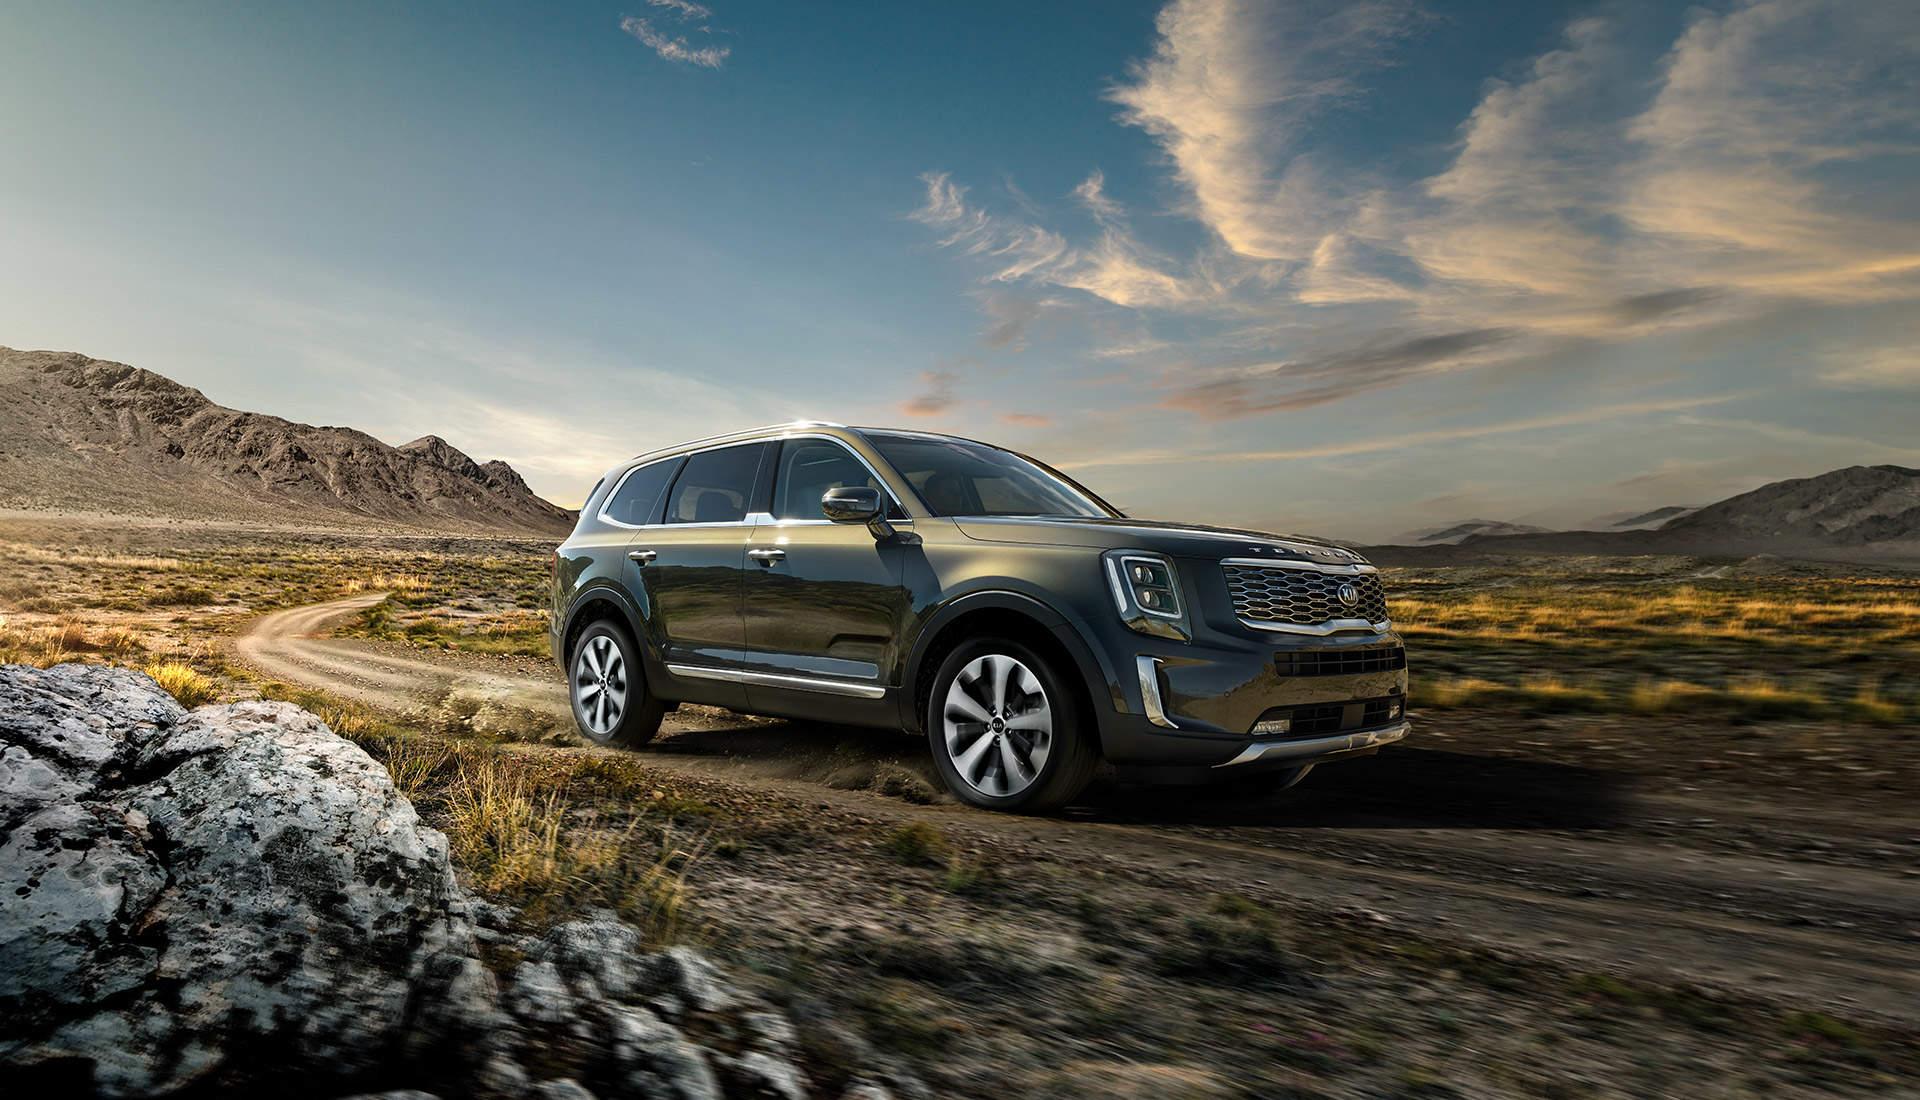 Kia Motors Saudi Arabia | Small Cars, Medium Cars, SUVs, MPVs